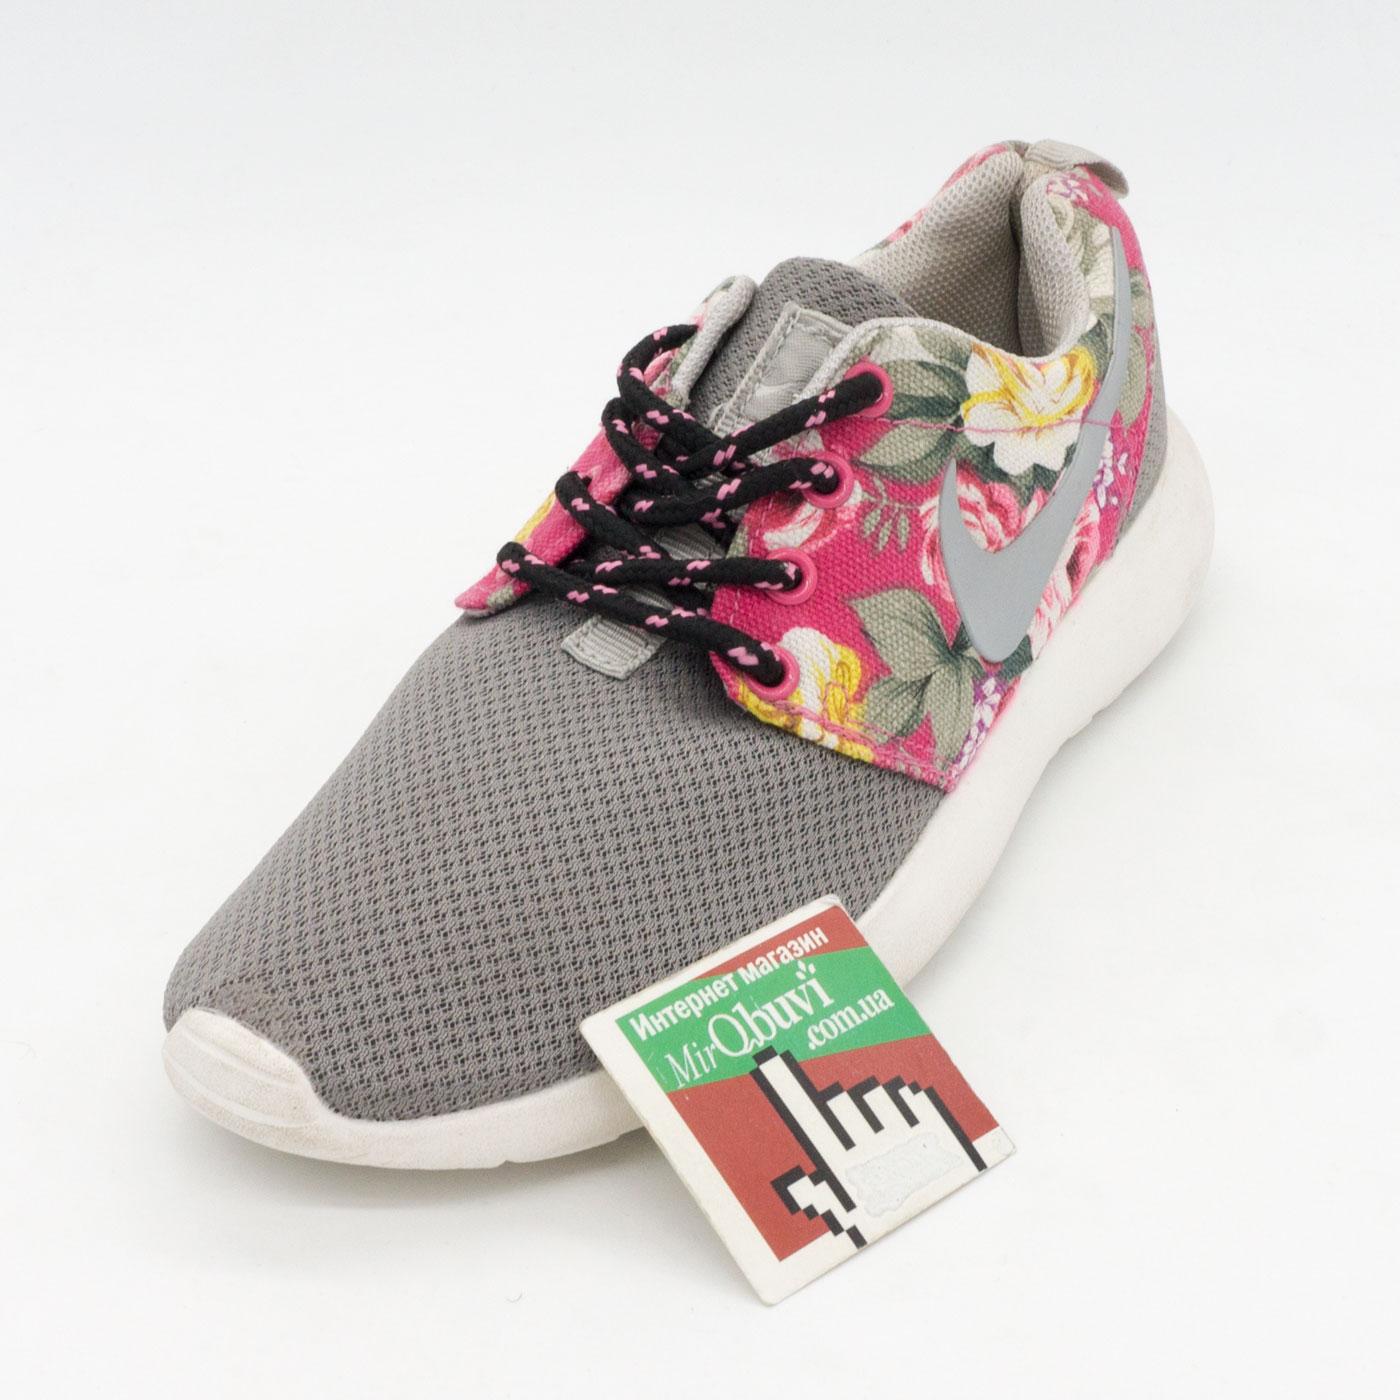 фото front Женские кроссовки Nike Roshe Run серые в цветочек front